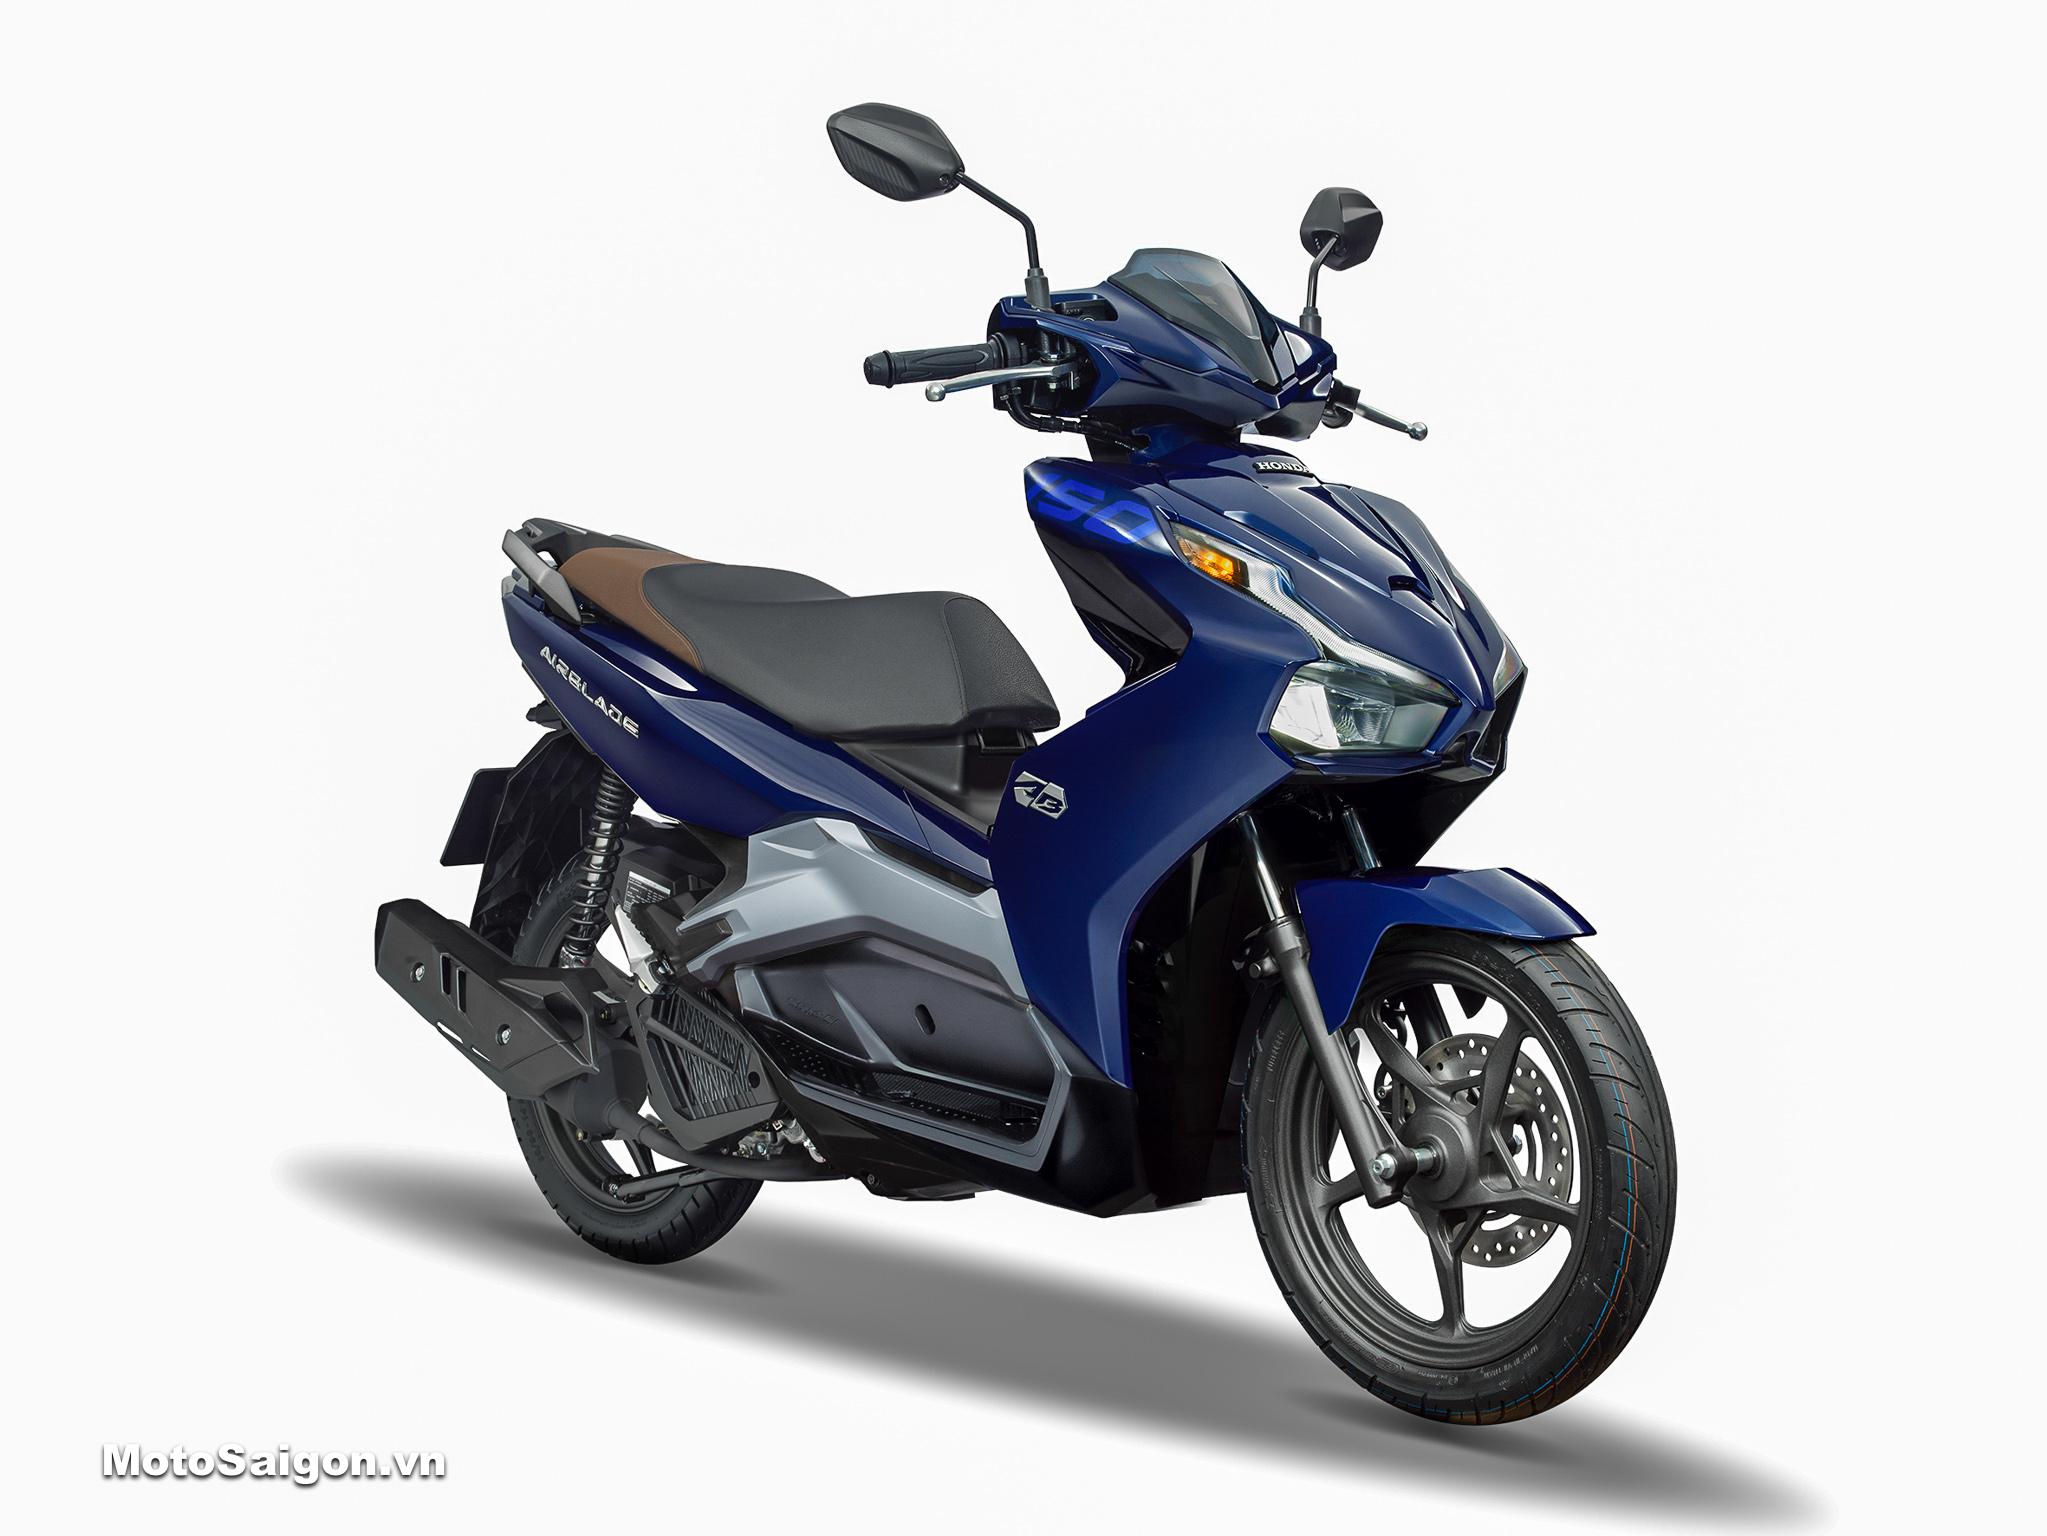 Honda Air Blade 150 ABS tiêu chuẩn màu xanh bạc 2020